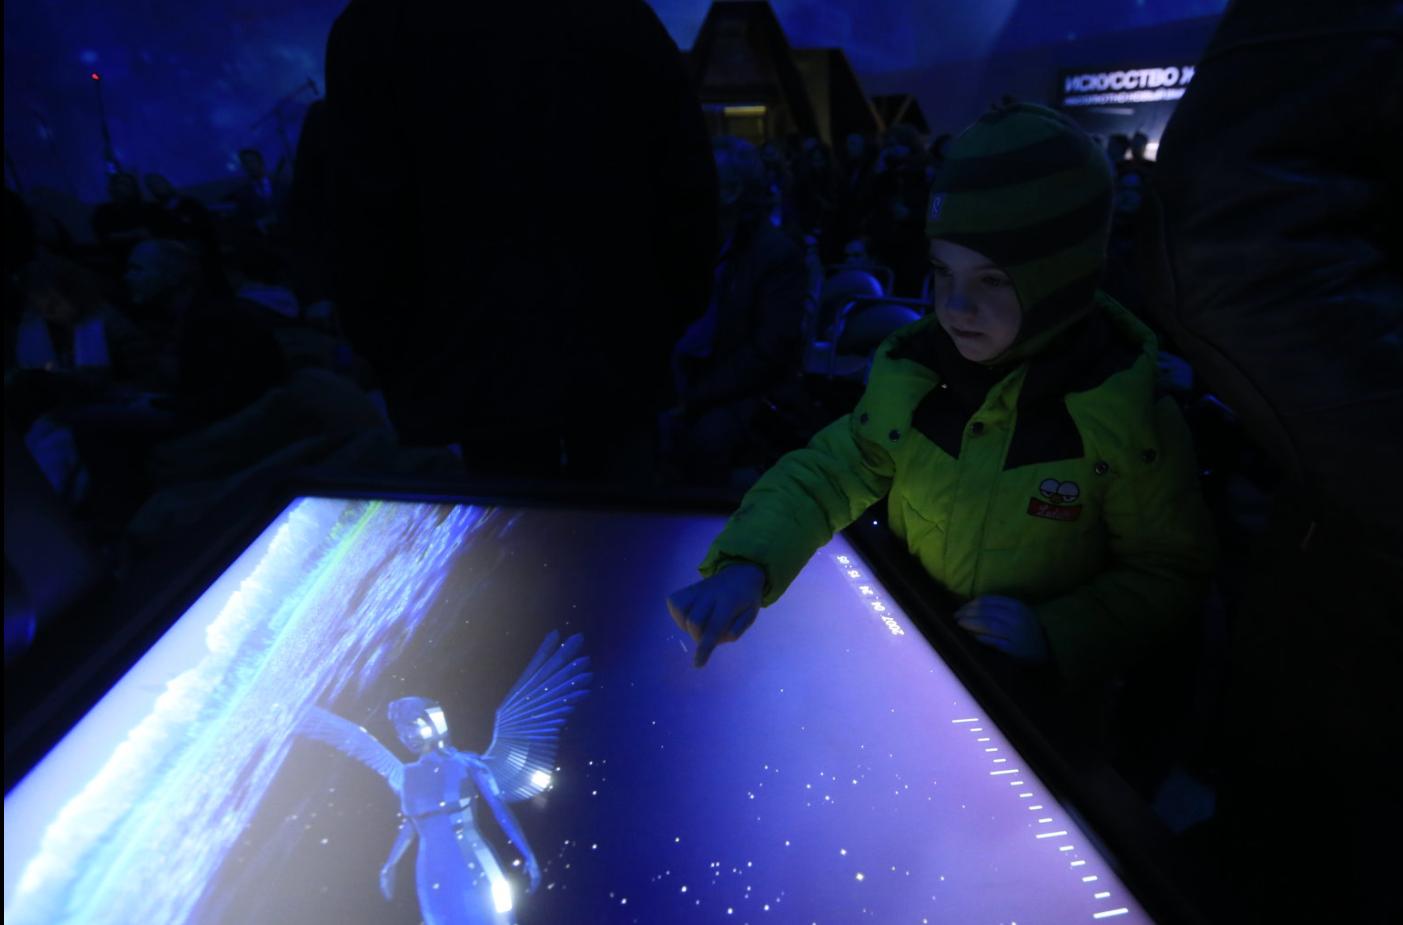 Крупнейший в мире планетарий открылся в Петербурге | Изображение 1